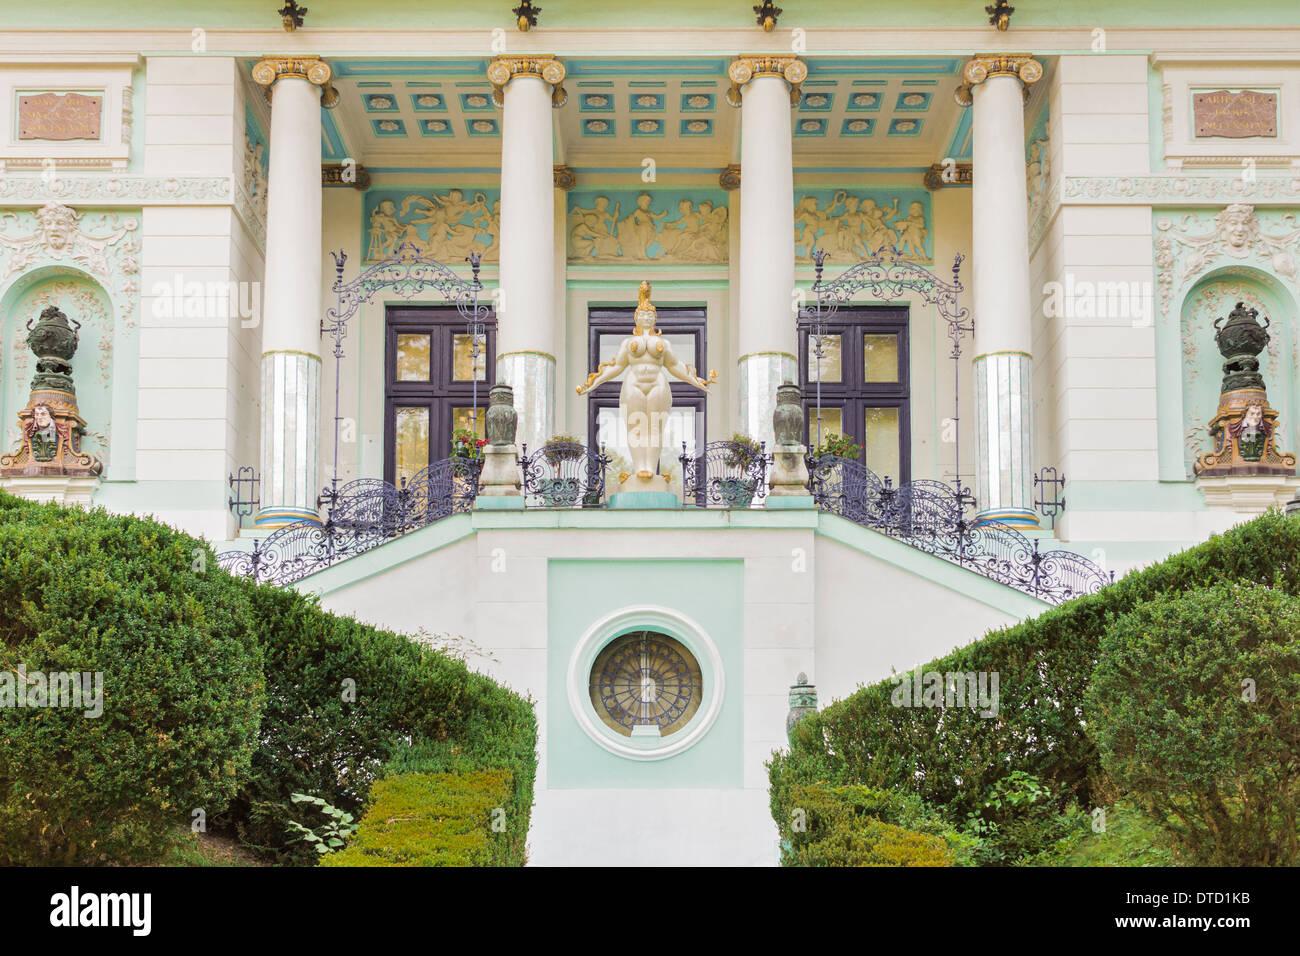 Eingang des Ernst-Fuchs-Museum in einem Gebäude vom Architekten Otto Wagner, Wien, Österreich Stockbild